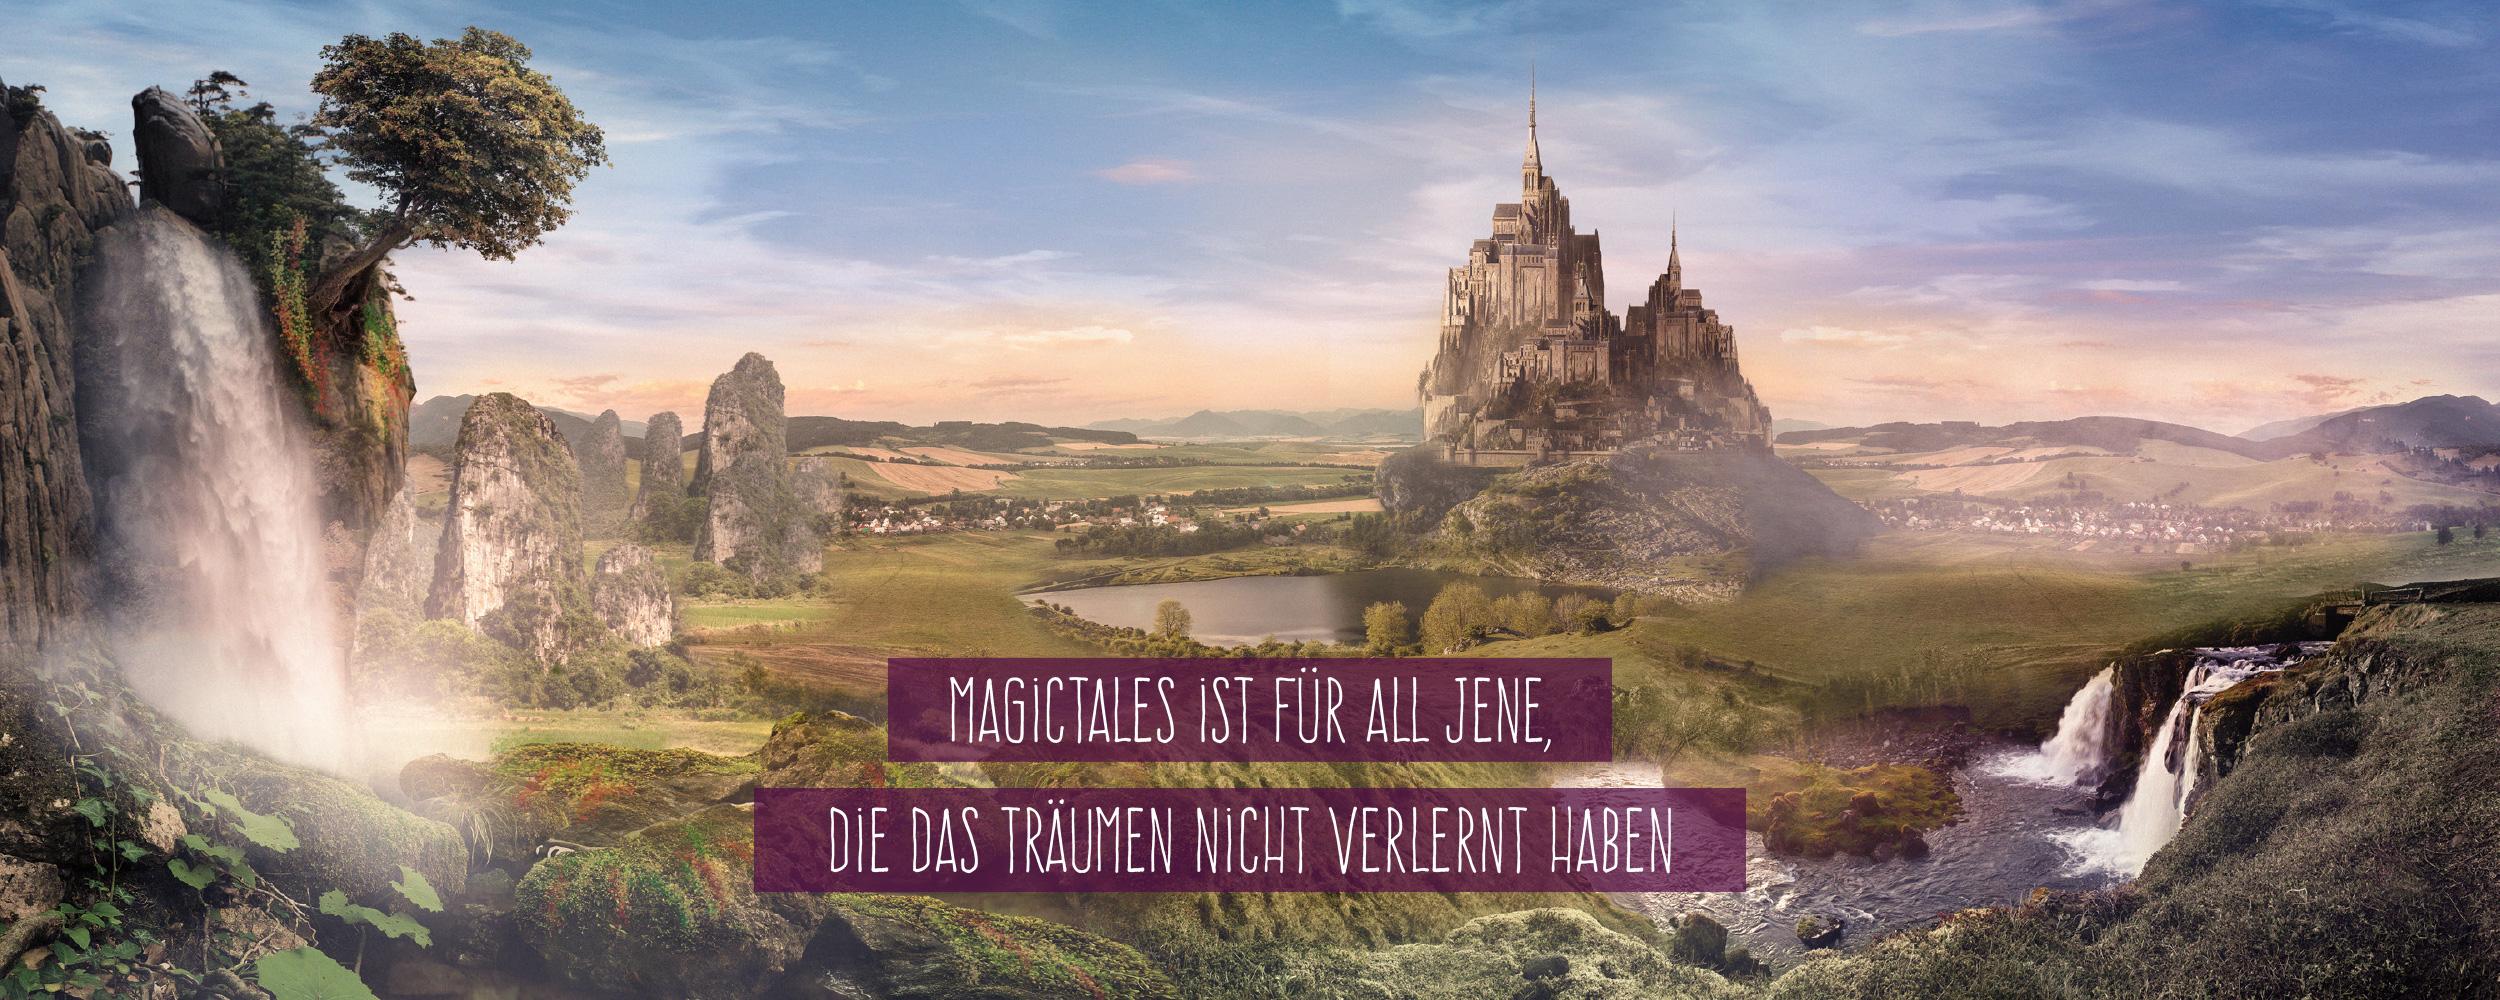 MagicTales ist für alle Jene, die das Träumen nicht verlernt haben